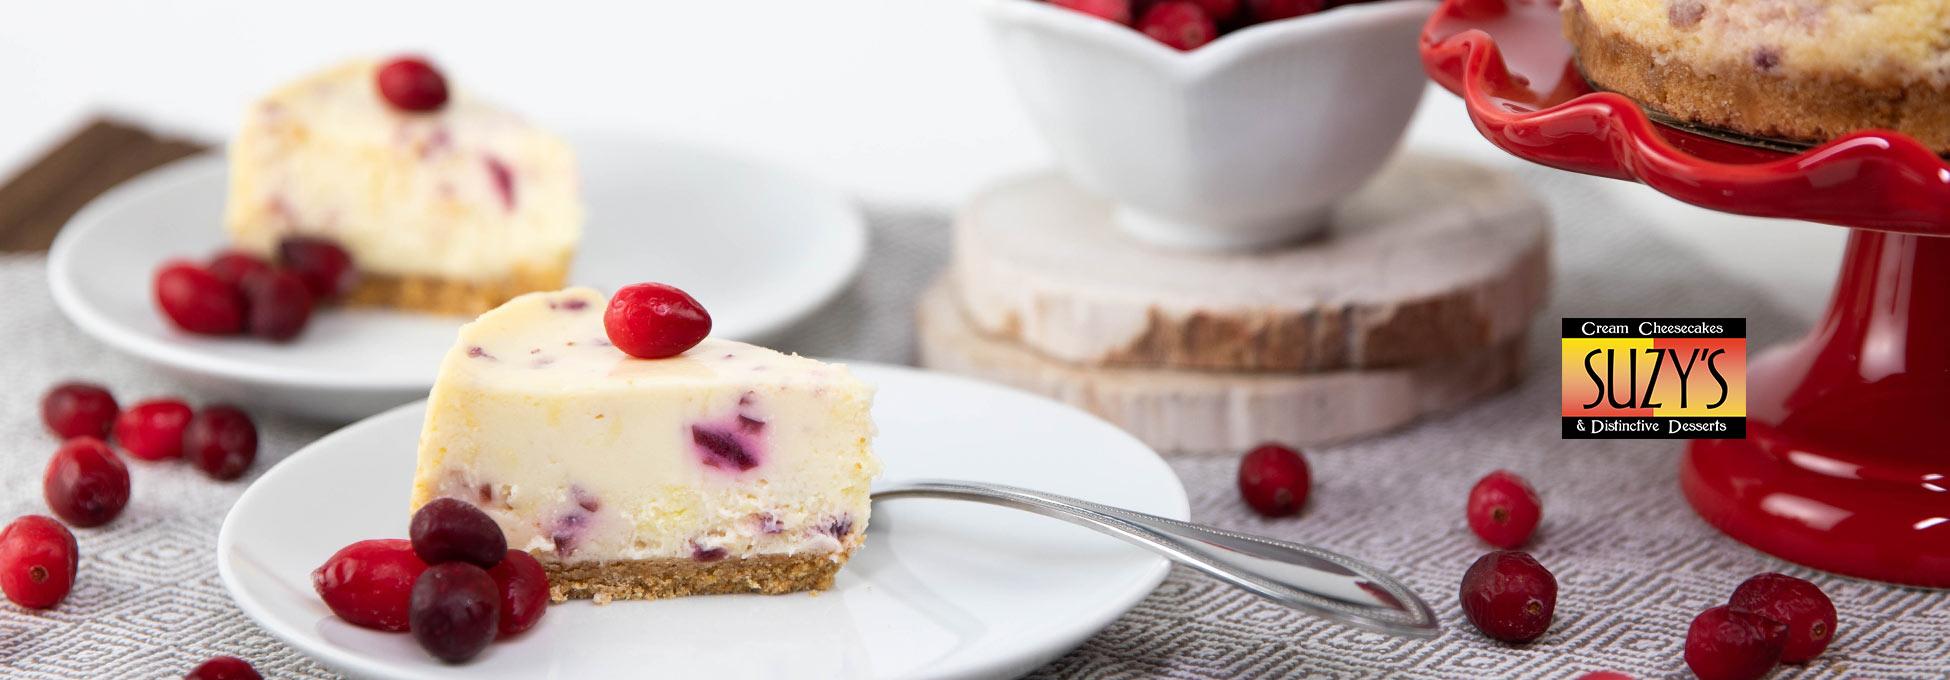 trigs-homepg-banner-white-choc-cranberry-cheesecake.jpg